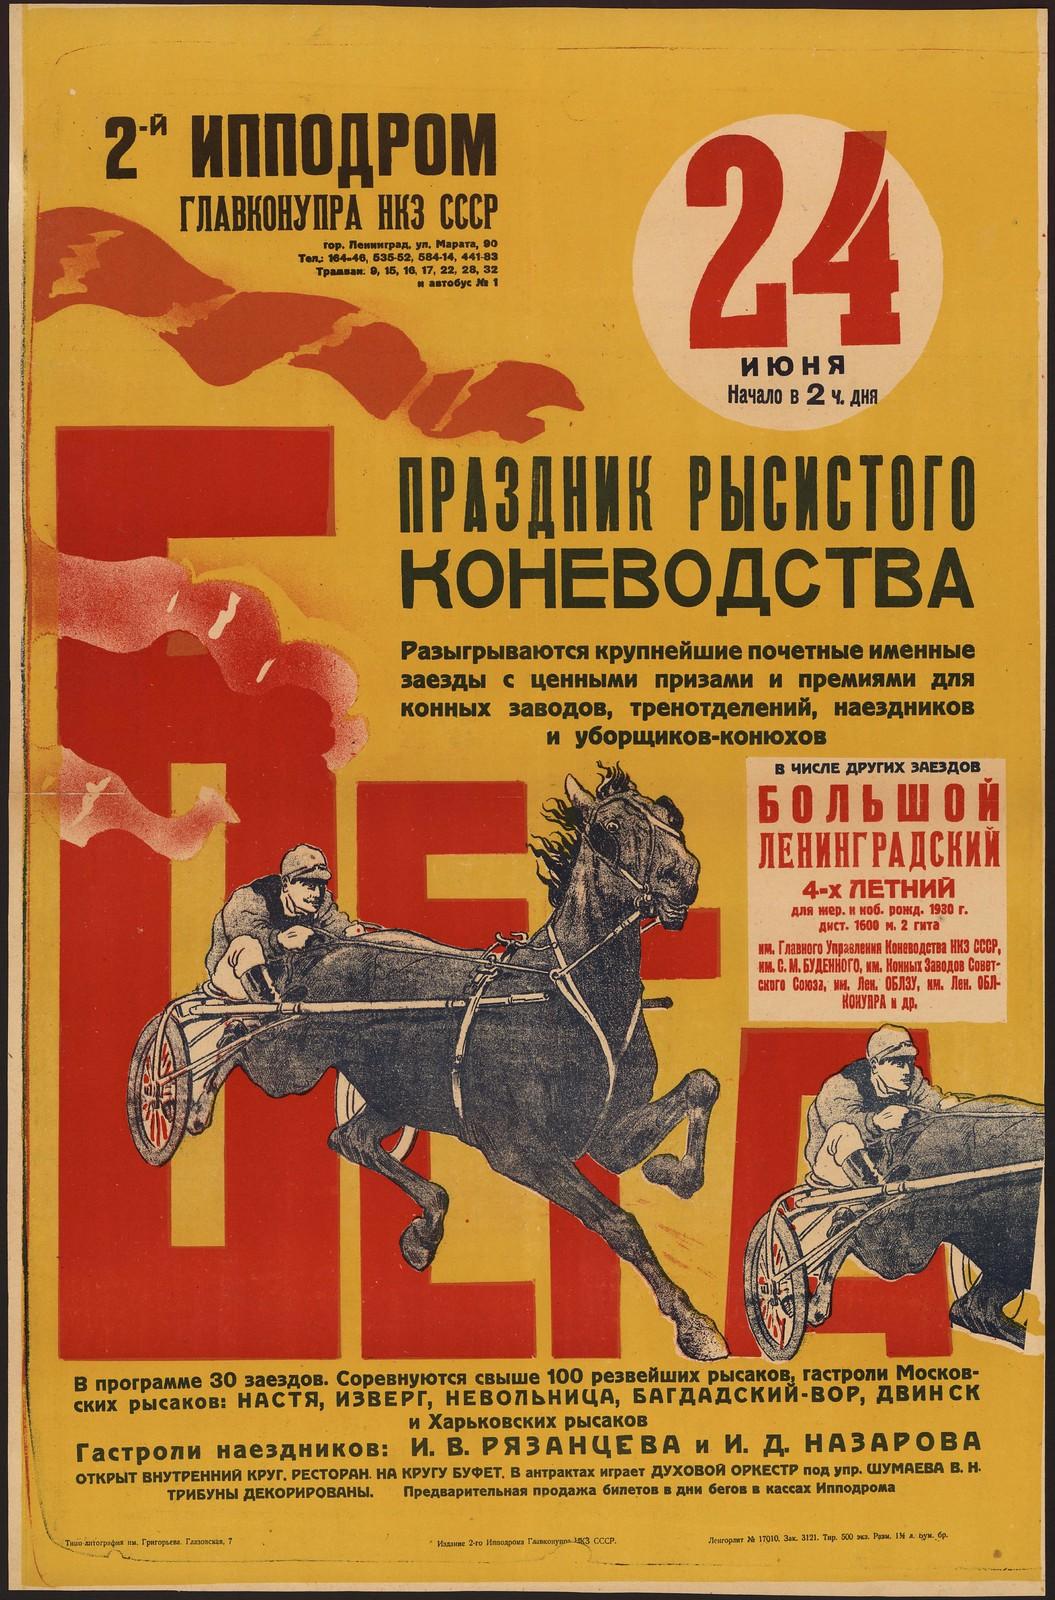 1934. Бега. 24 июня... Праздник рысистого коневодства